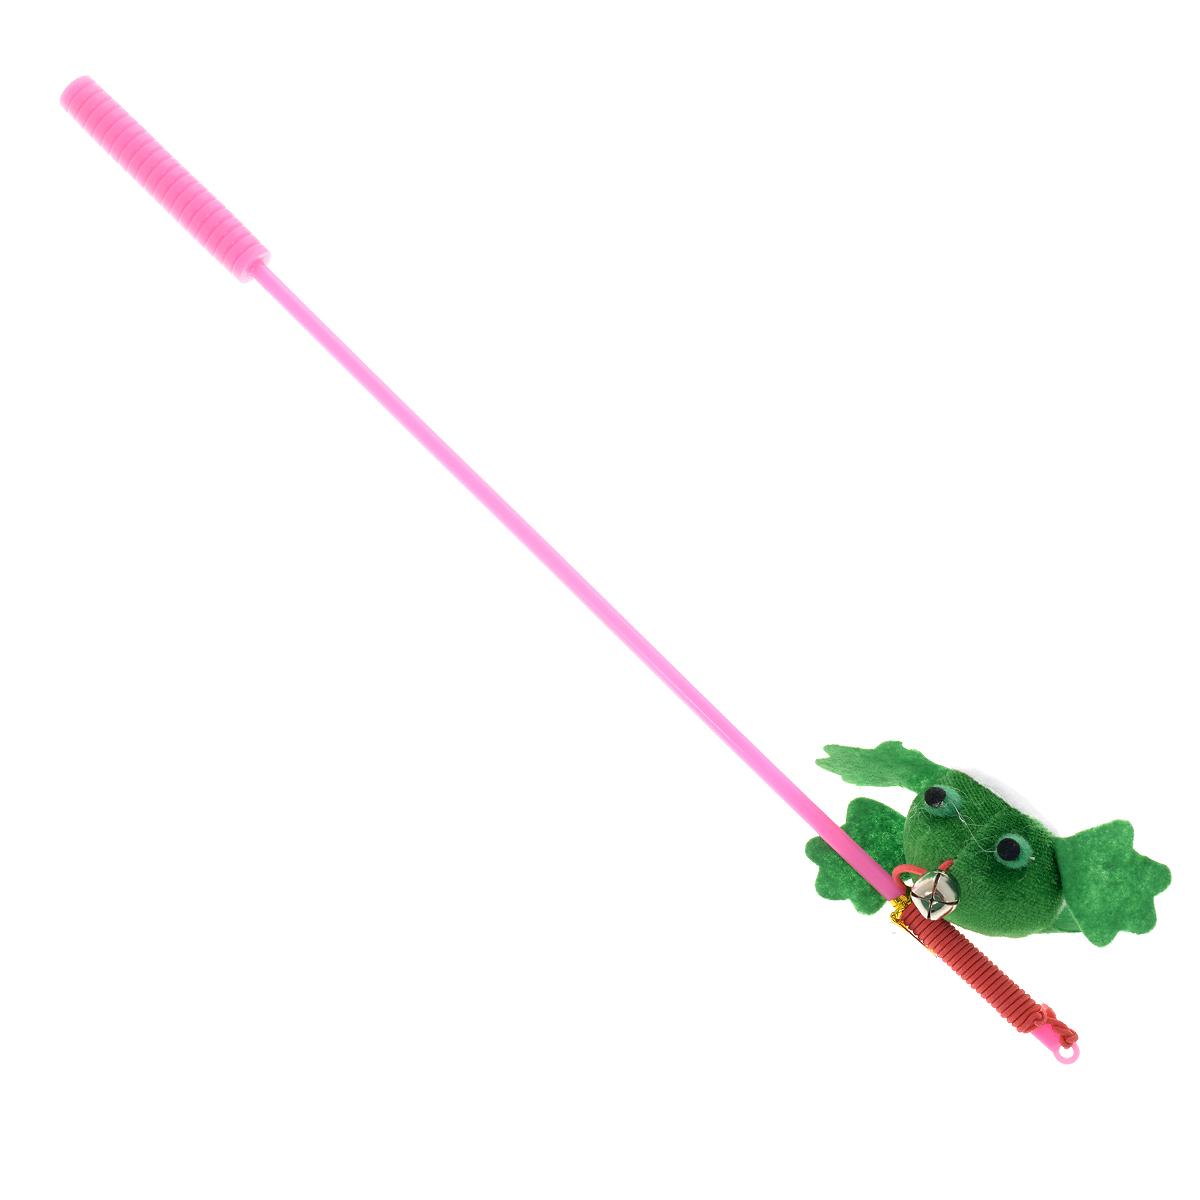 Игрушка для кошек V.I.Pet Дразнилка-удочка с лягушкой, с колокольчиком, цвет: розовый, зеленый, длина 37 смST-105_розовый, зеленыйИгрушка для кошек V.I.Pet Дразнилка-удочка с лягушкой, изготовленная из текстиля, синтепона и пластика, прекрасно подойдет для веселых игр с вашим пушистым любимцем. Играя с этой забавной дразнилкой, маленькие котята развиваются физически, а взрослые кошки и коты поддерживают свой мышечный тонус. Яркая игрушка на конце удочки оснащена колокольчиком и сразу привлечет внимание вашего любимца, не навредит здоровью и увлечет его на долгое время. Длина удочки: 37 см. Размер игрушки: 7,5 х 4 х 2,5 см.